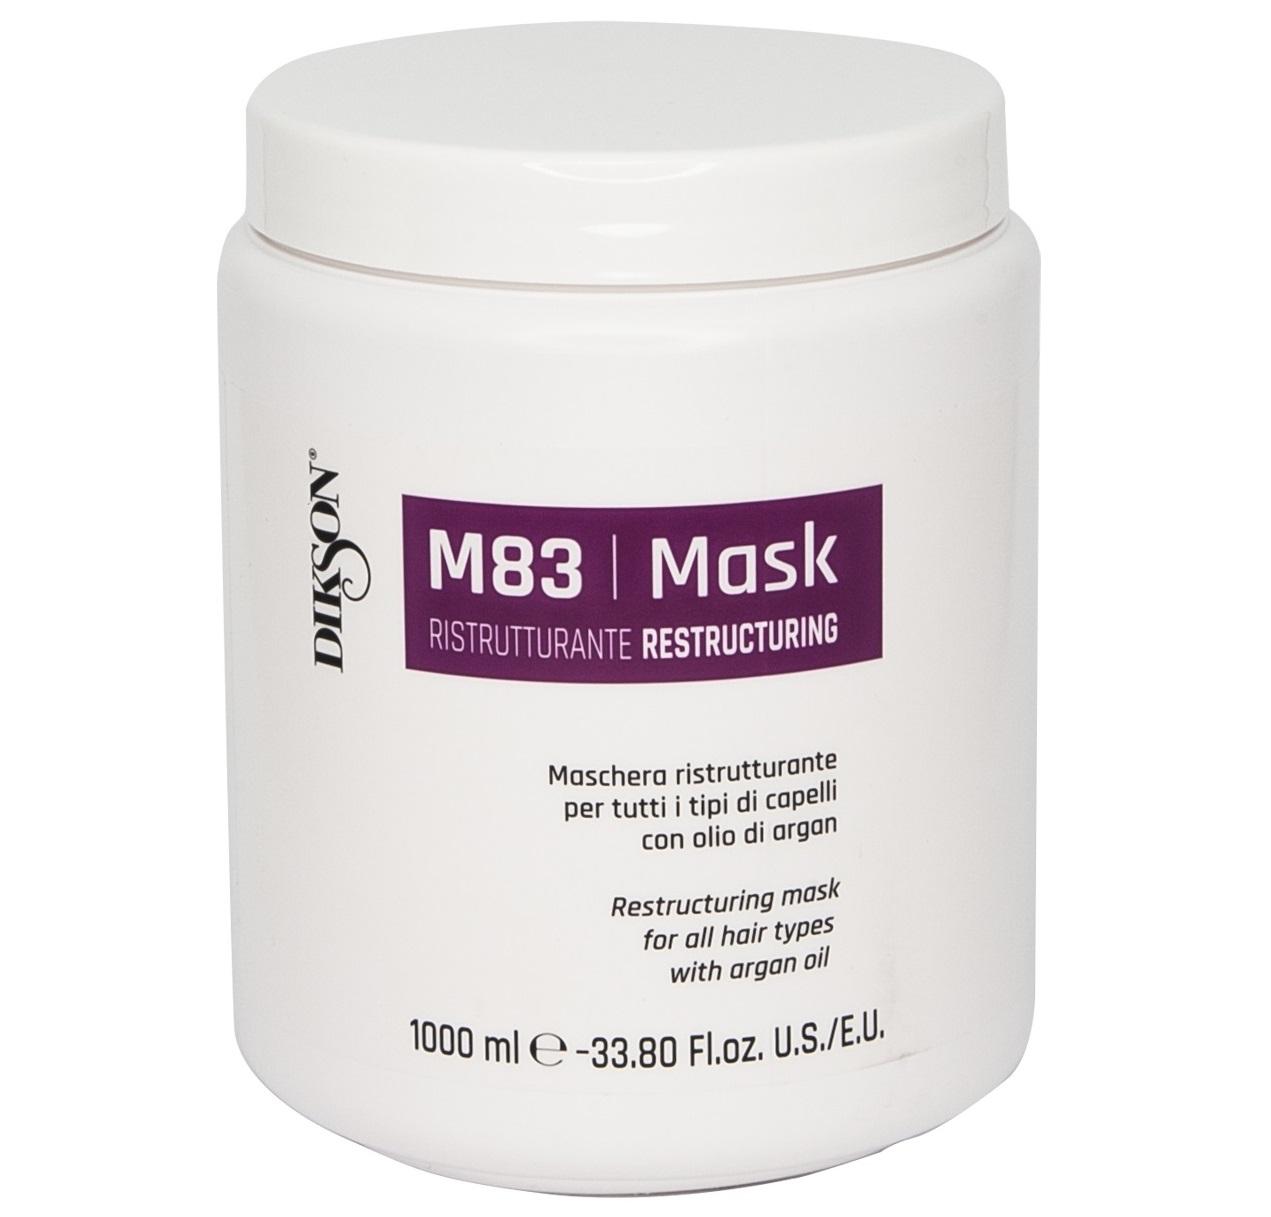 Купить DIKSON Маска восстанавливающая для всех типов волос с аргановым маслом / MASK RISTRUTTURANTE M83 1000 мл